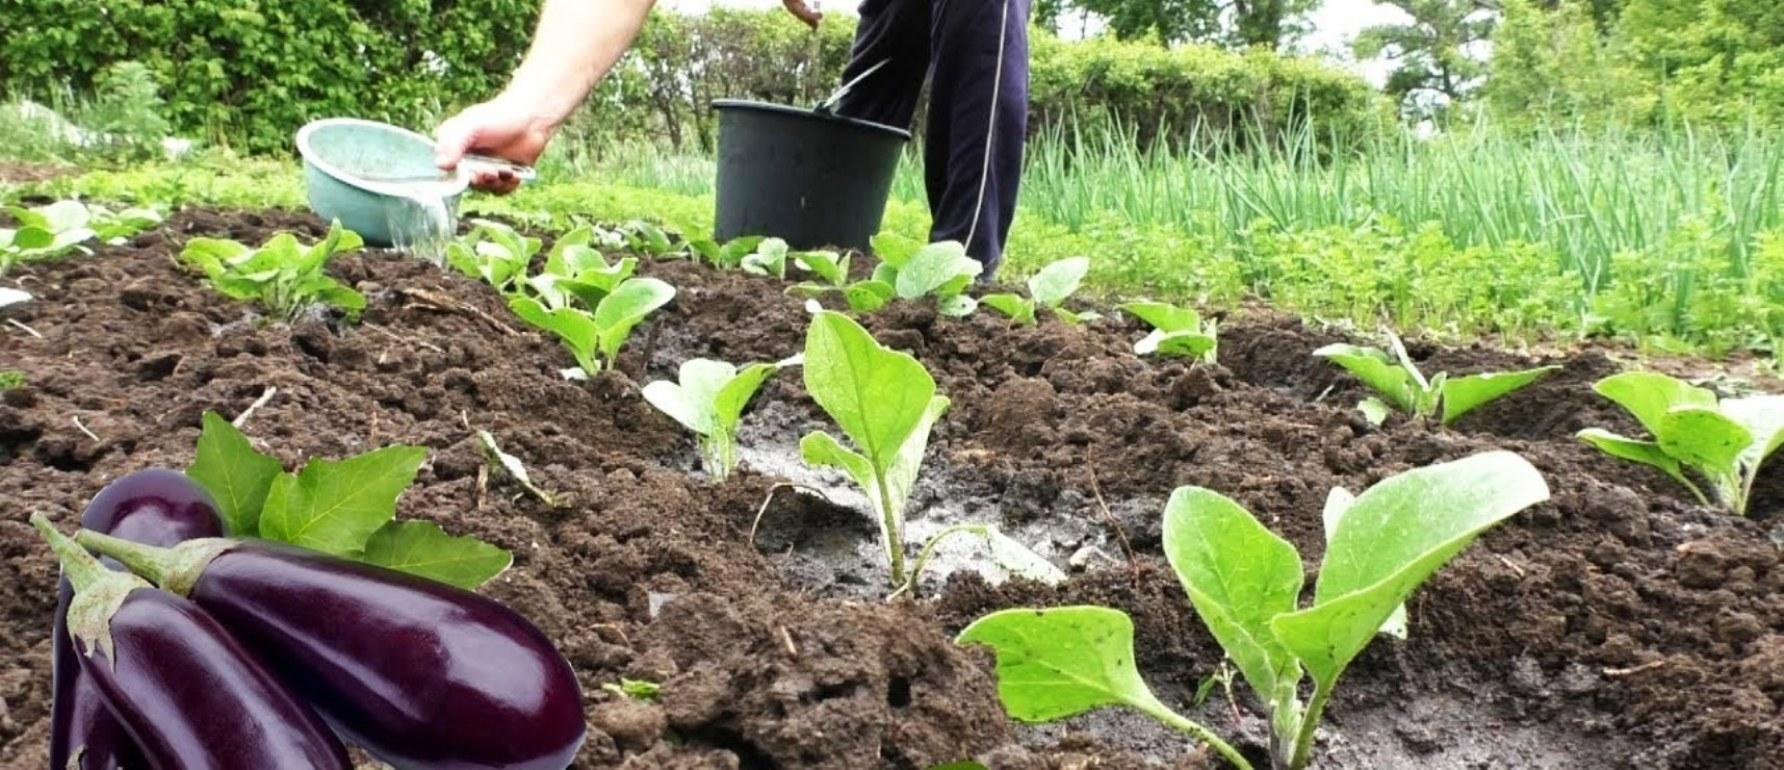 Правильная посадка капусты в открытый грунт и дальнейший уход